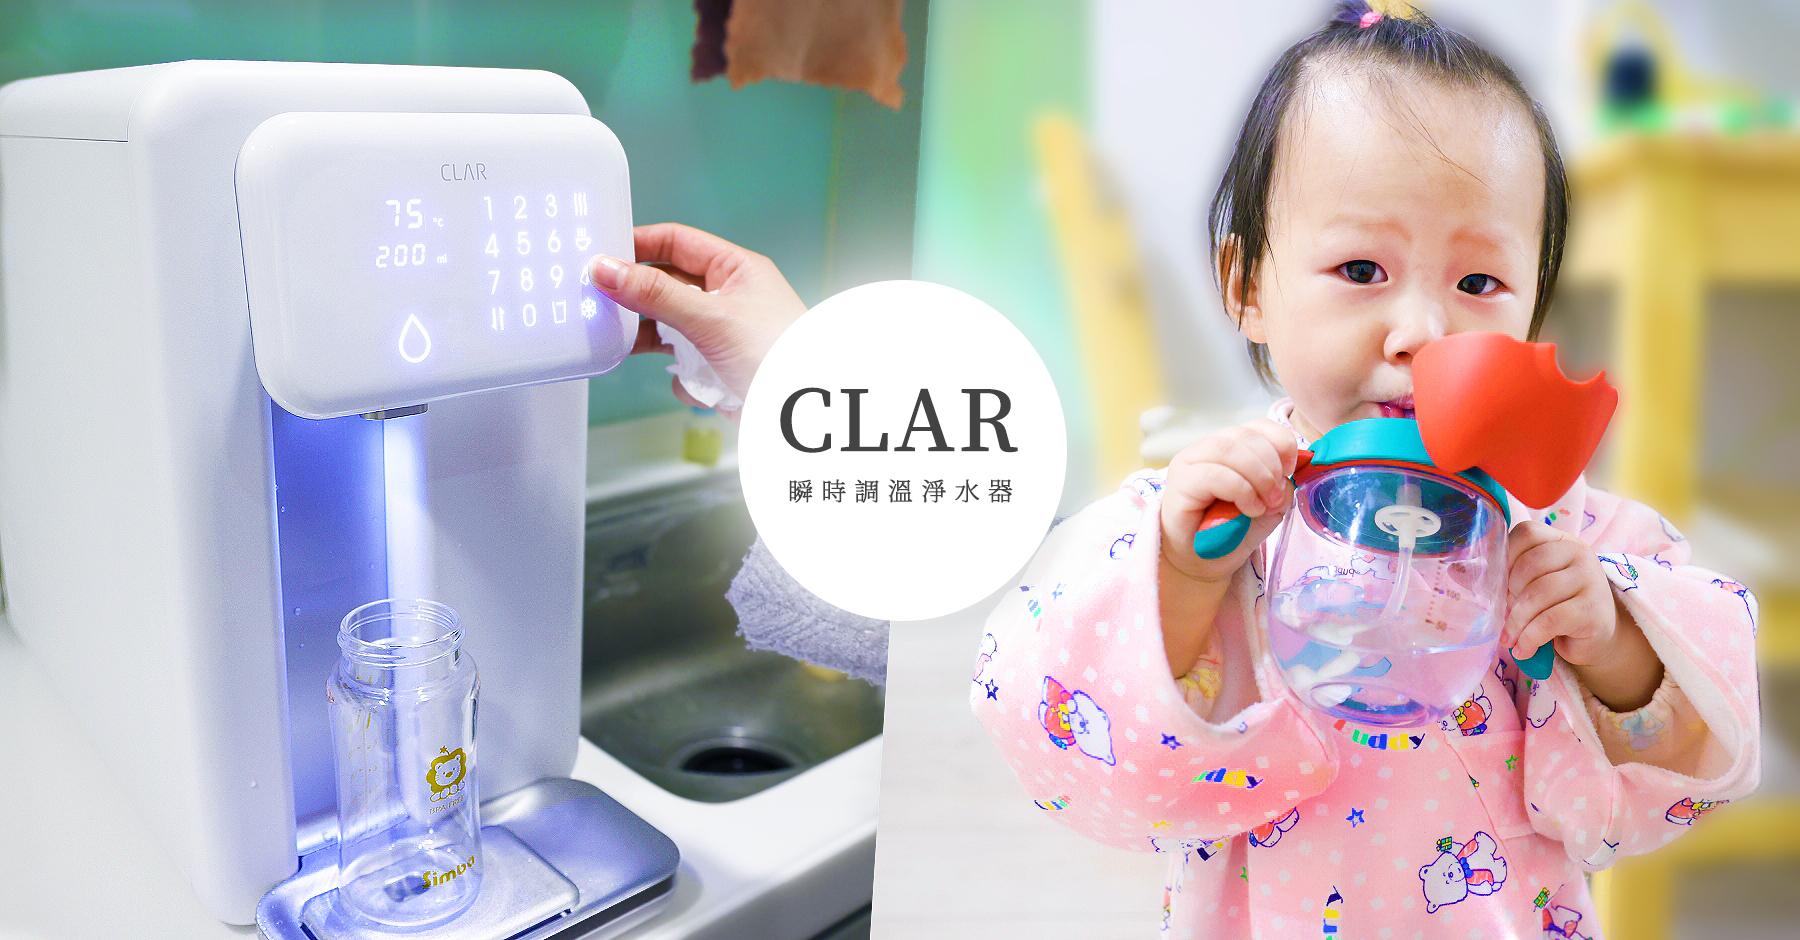 開箱評測|CLAR瞬時調溫淨水器|時尚美型APP操作超輕鬆安裝簡單分享心得評價